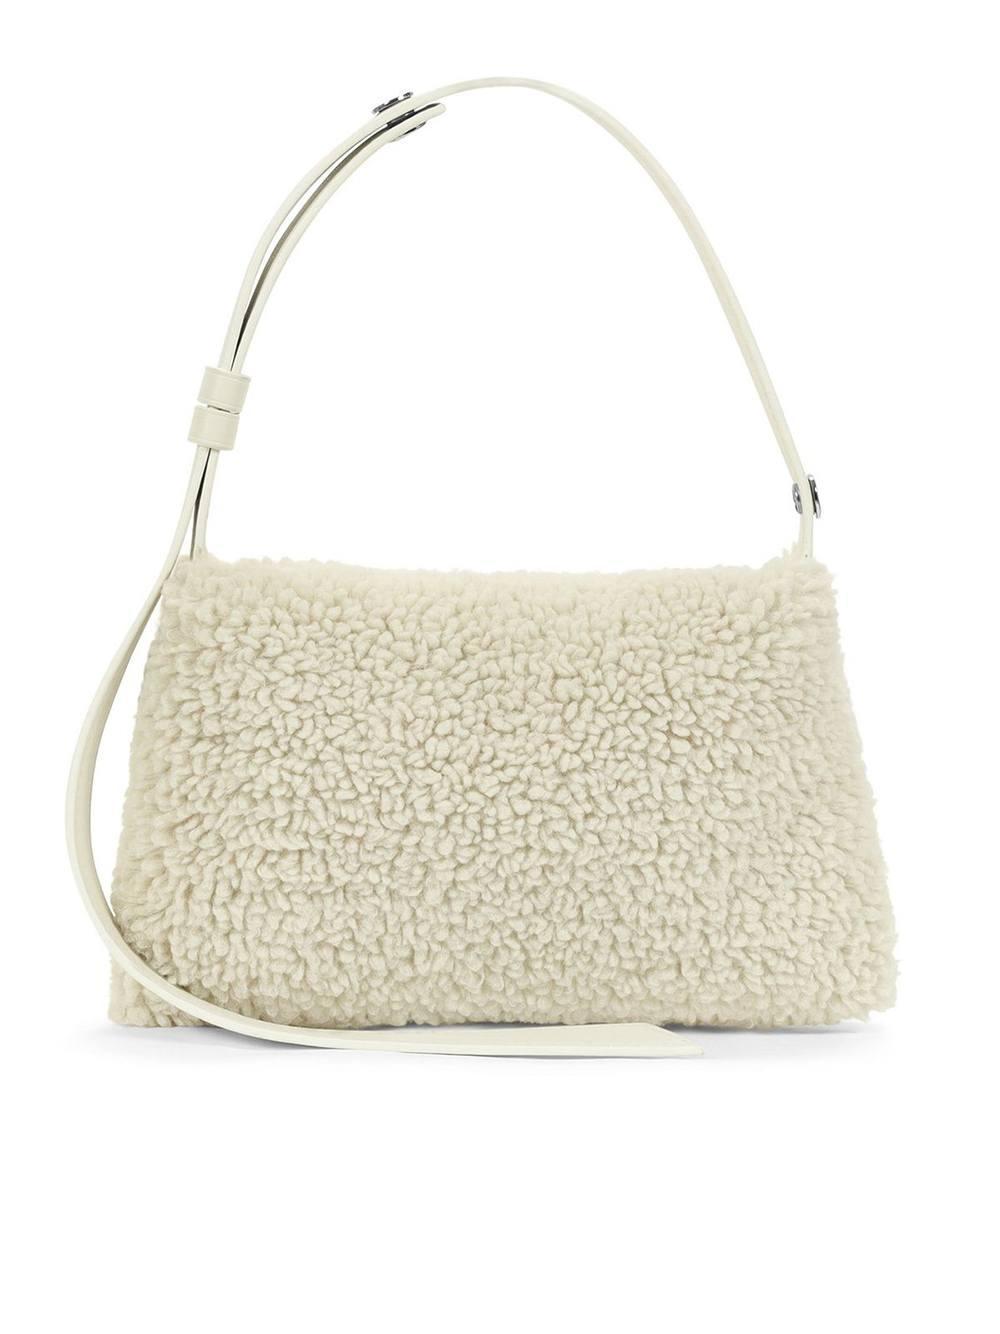 Mini Puffin Vegan Shearling Bag Item # S826-9065-30908